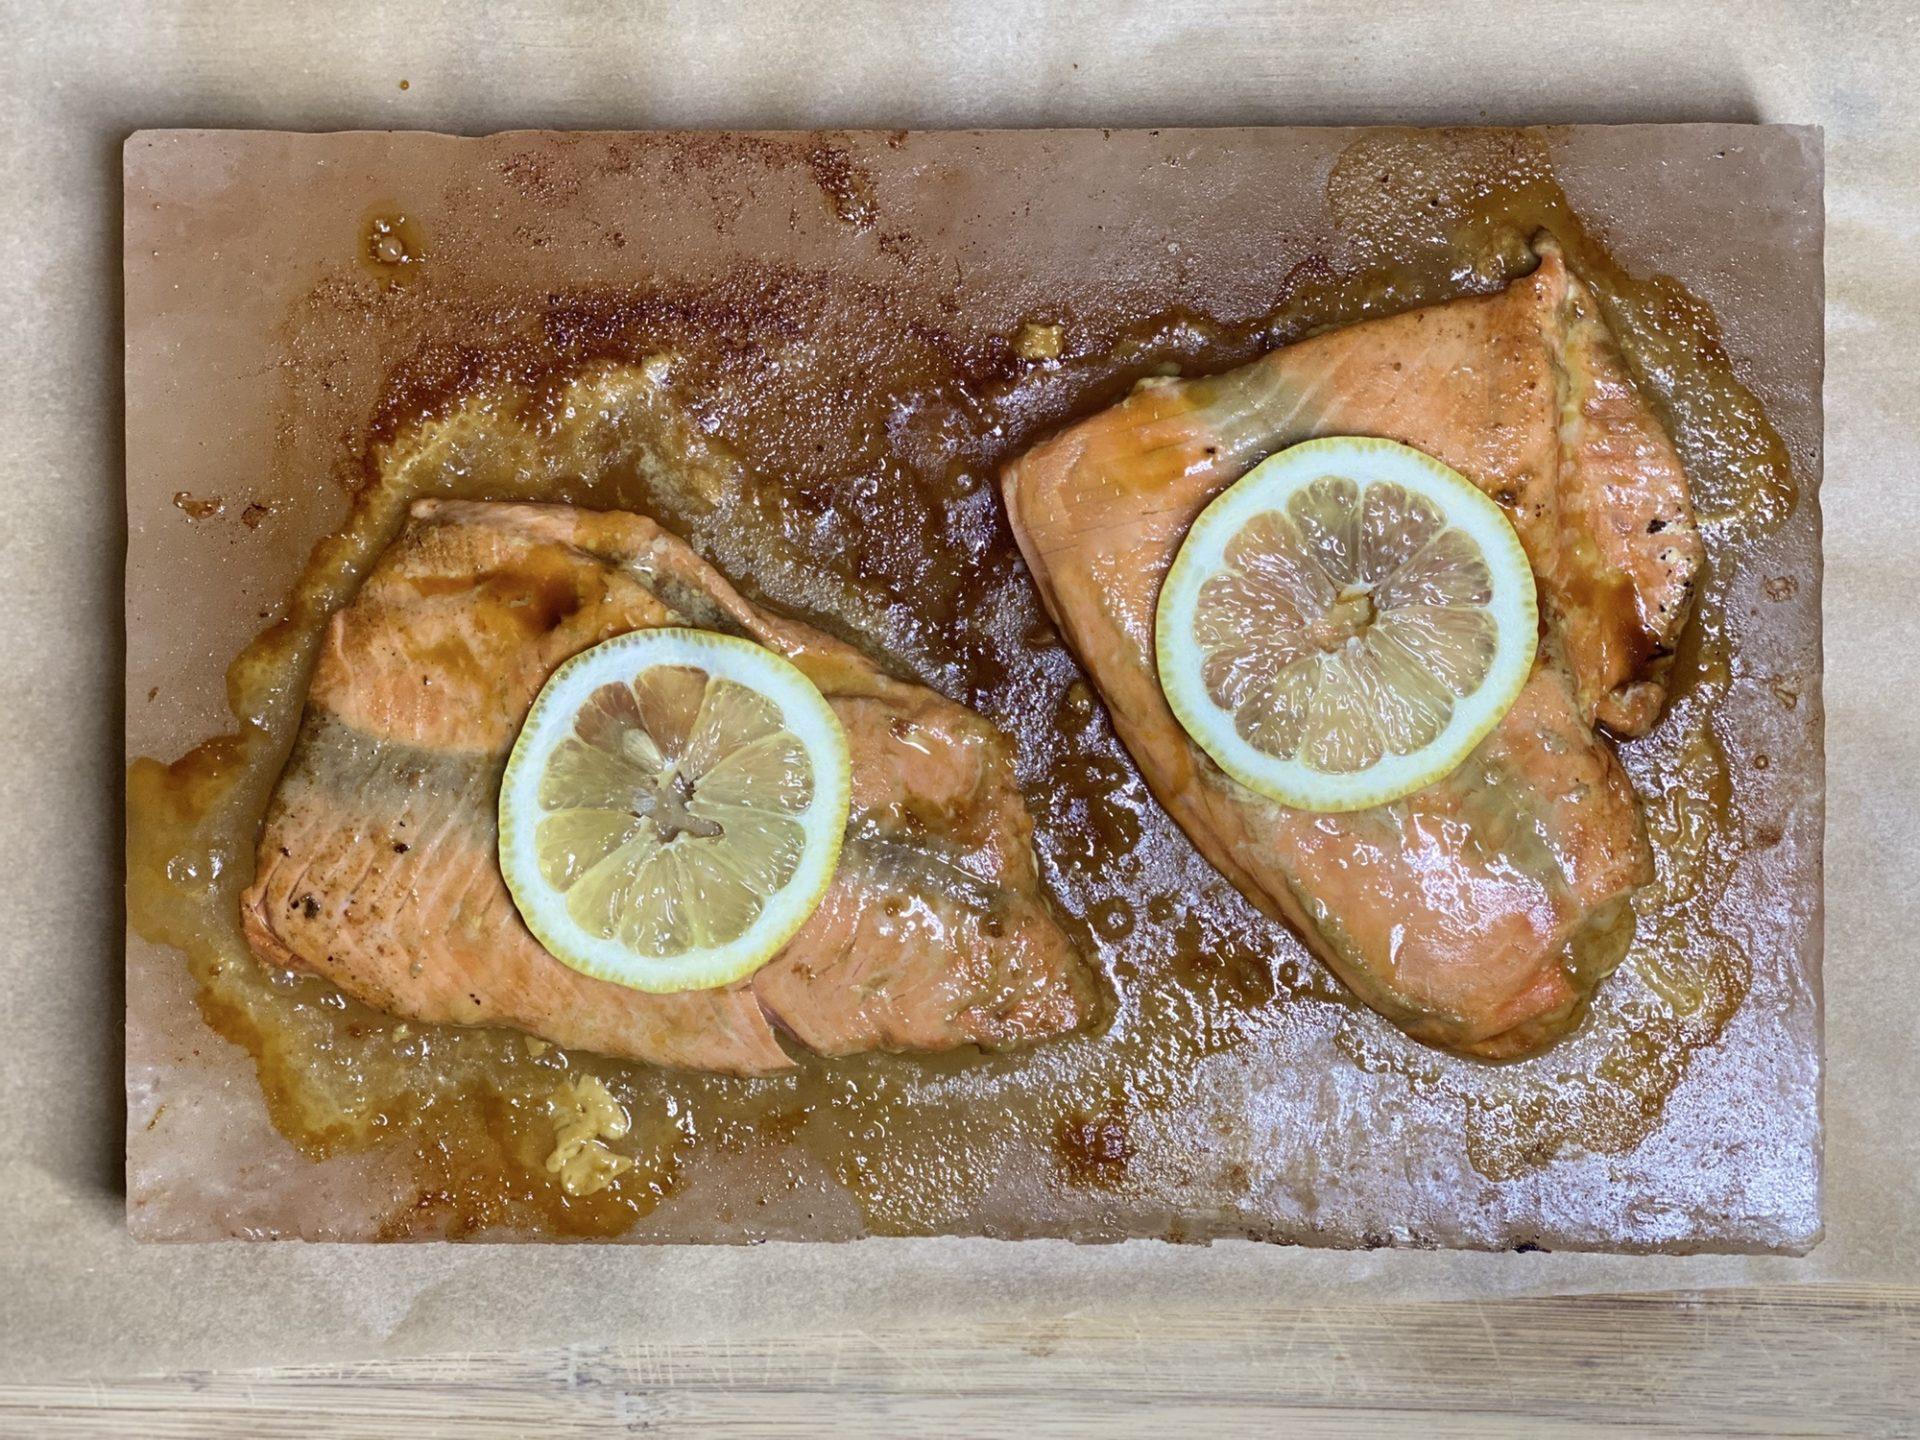 Himalayan Salt Block Salmon Recipe - Low Carb, Keto, THM Friendly